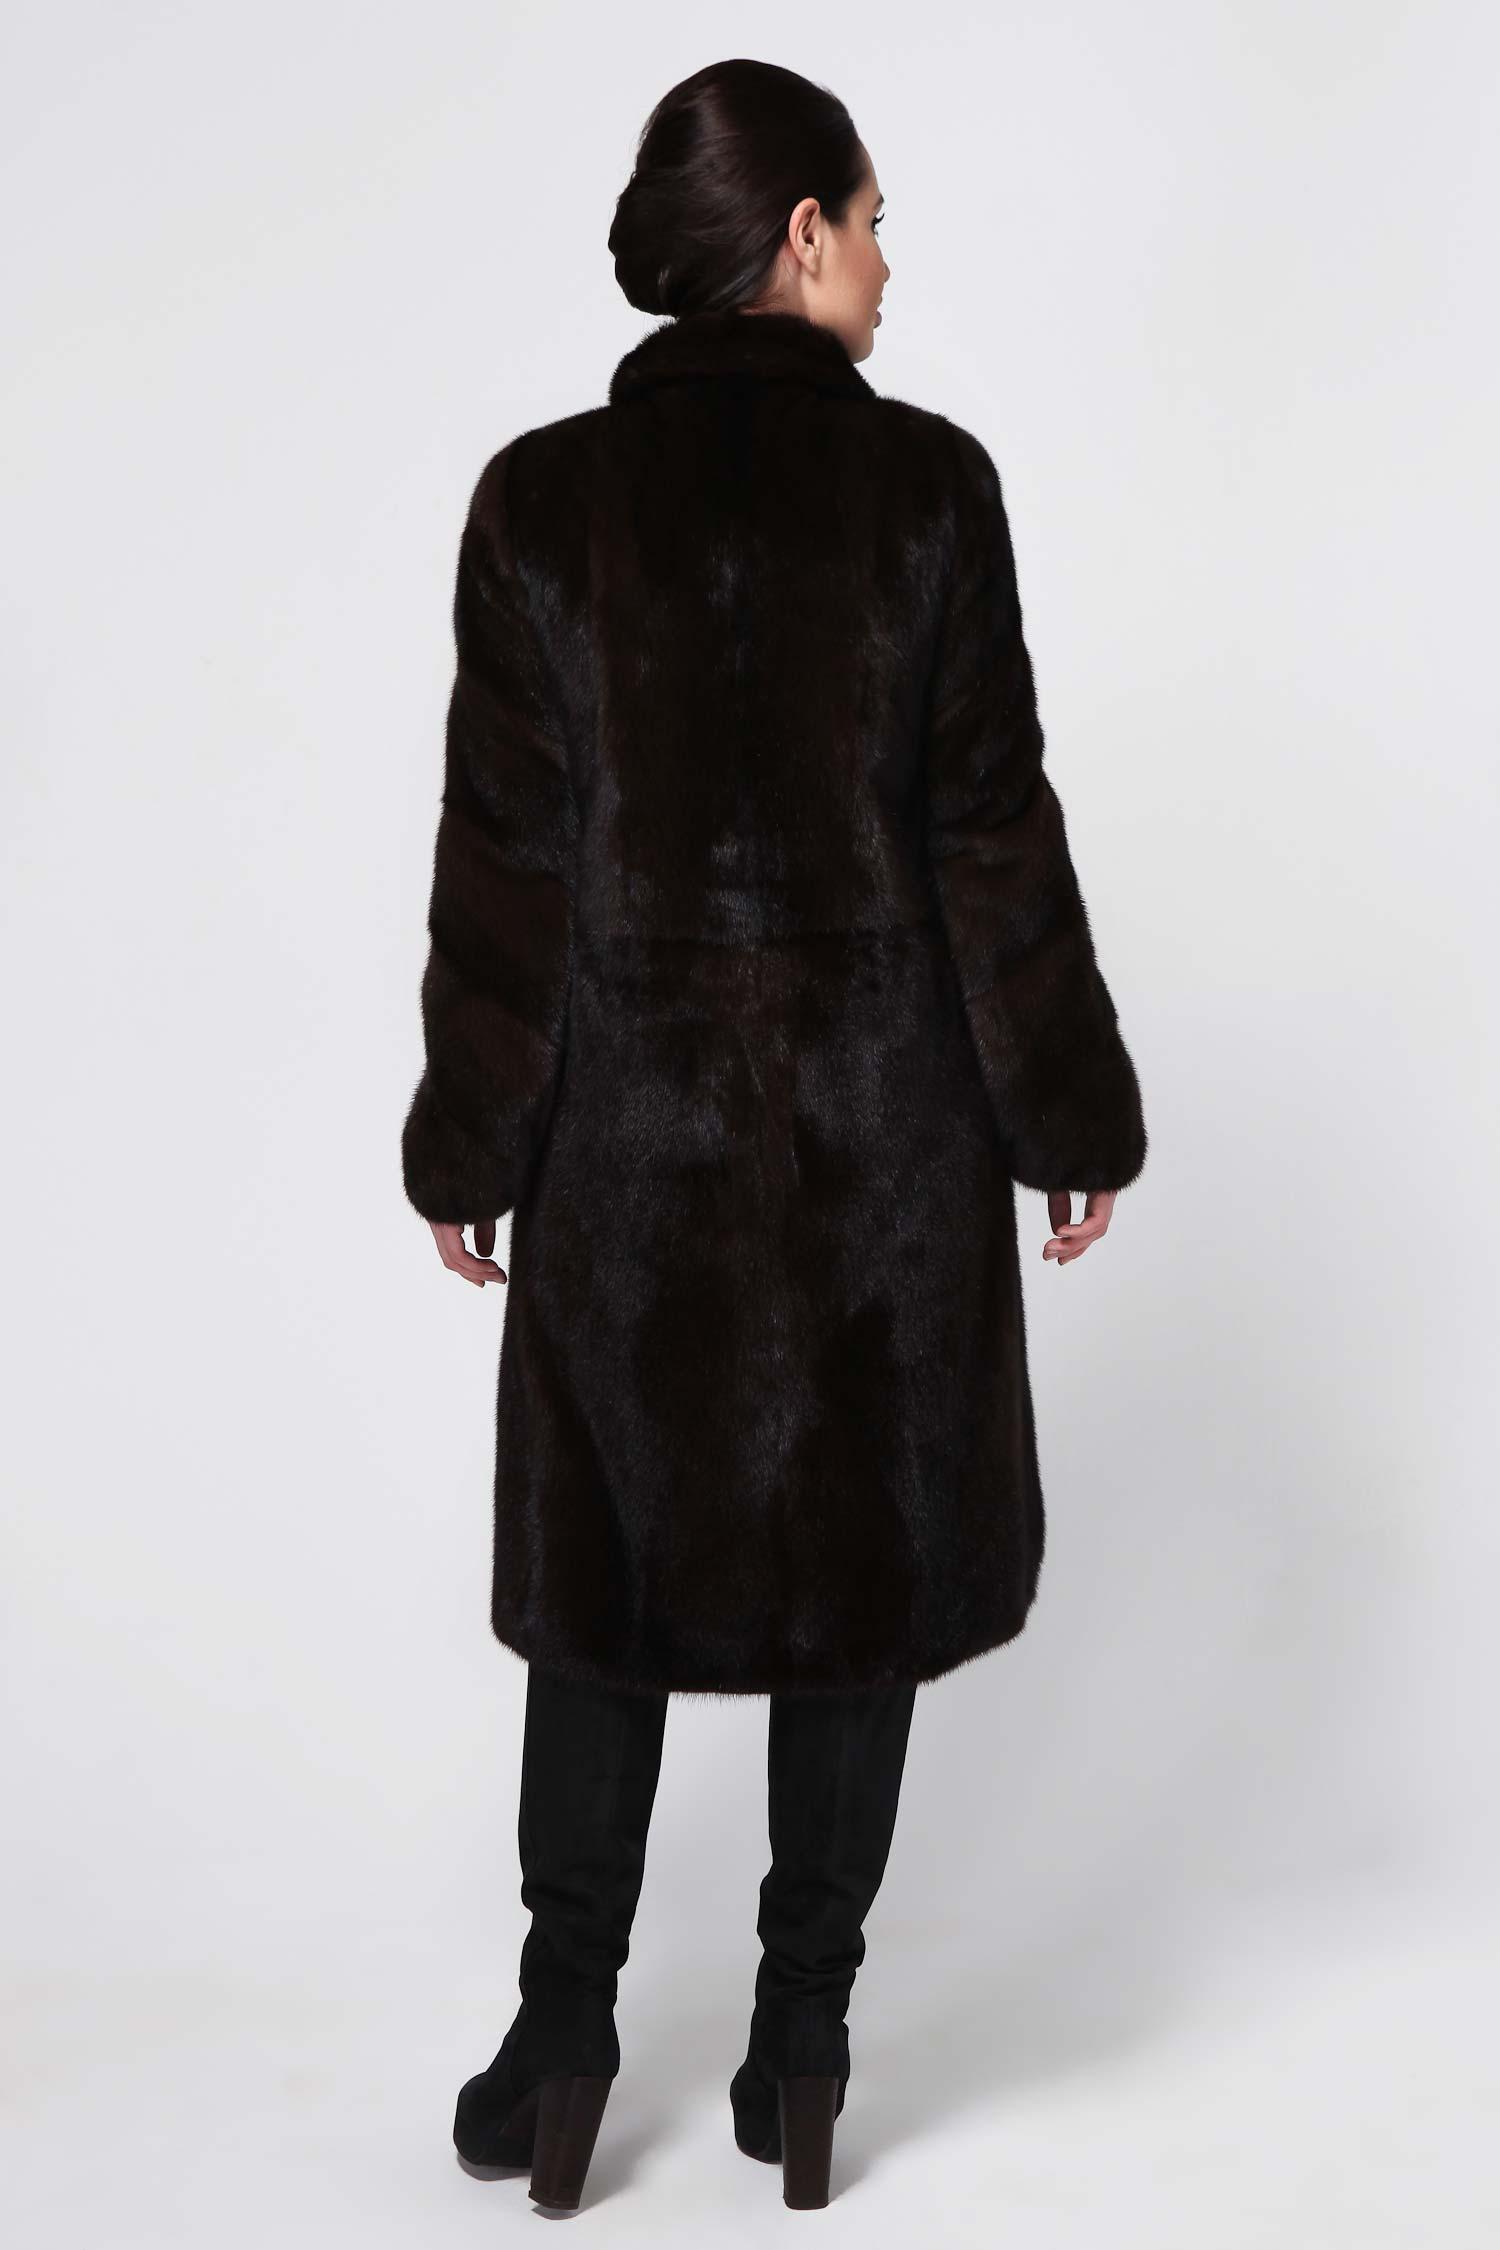 Фото 3 - Шубу из норки с воротником от МОСМЕХА коричневого цвета